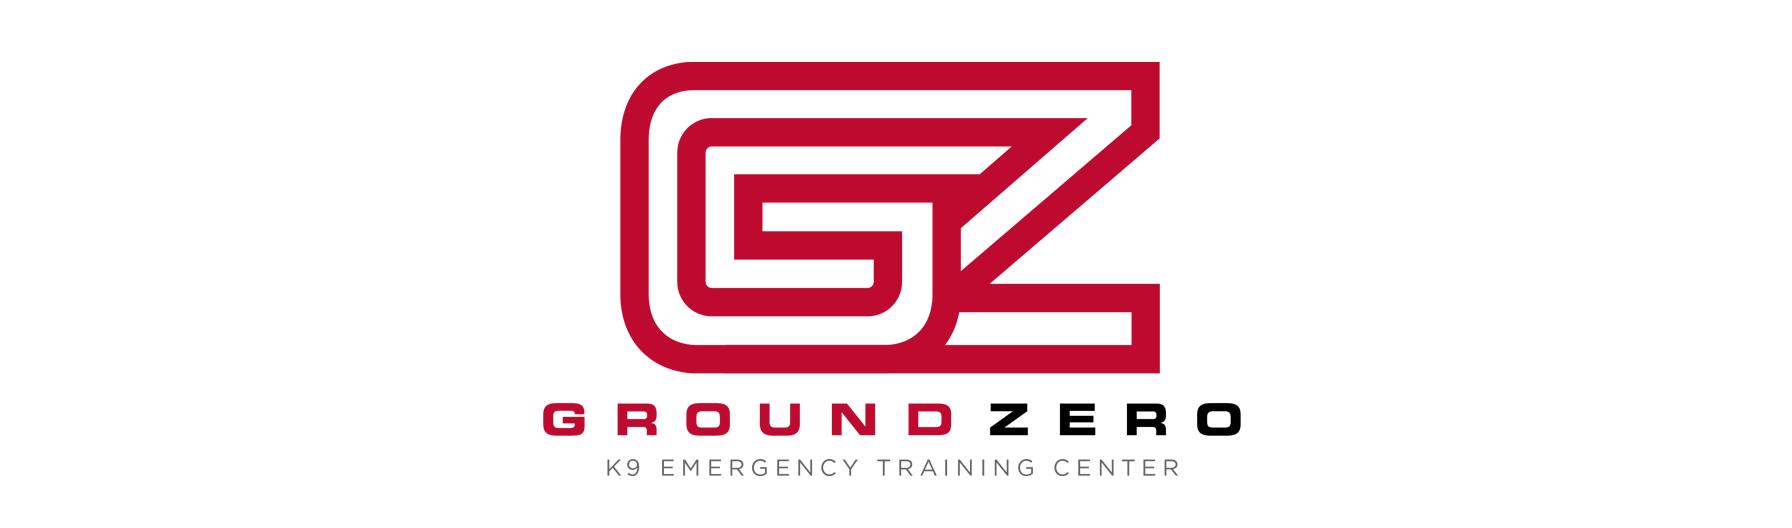 Ground Zero-Logo-color